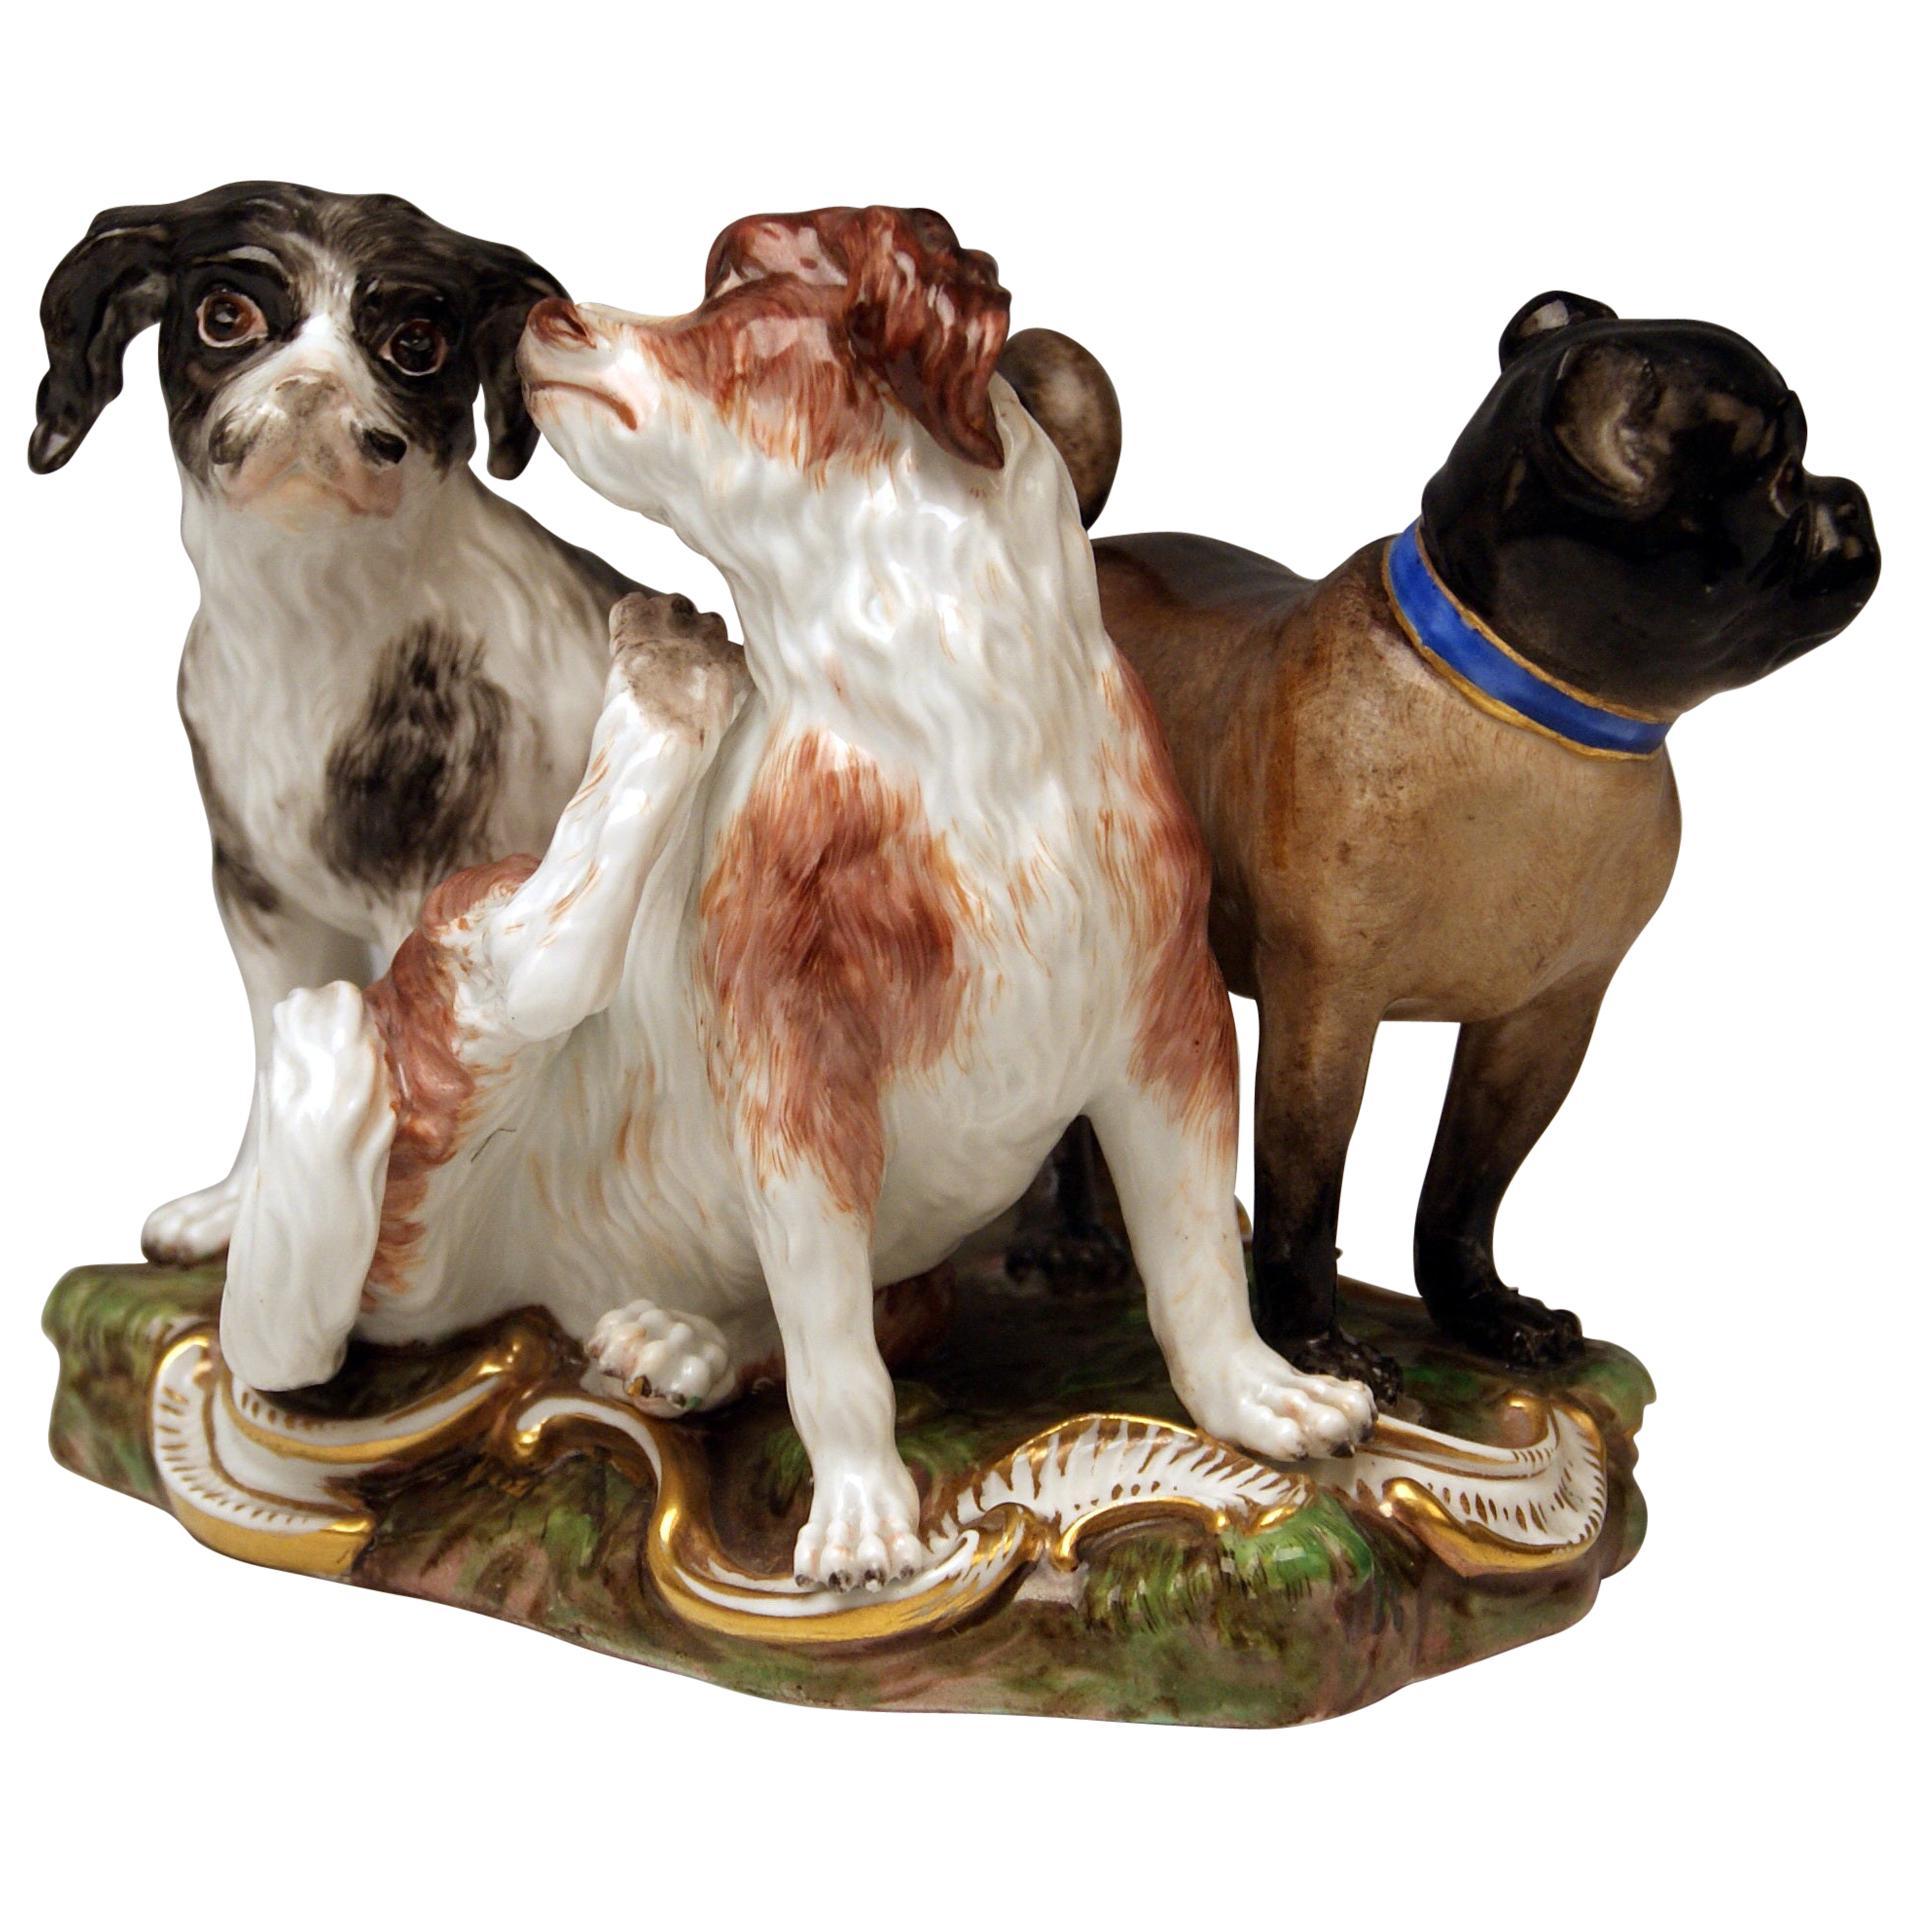 Meissen Group of Three Dogs Model 2104, Johann Joachim Kaendler circa 1830-1840